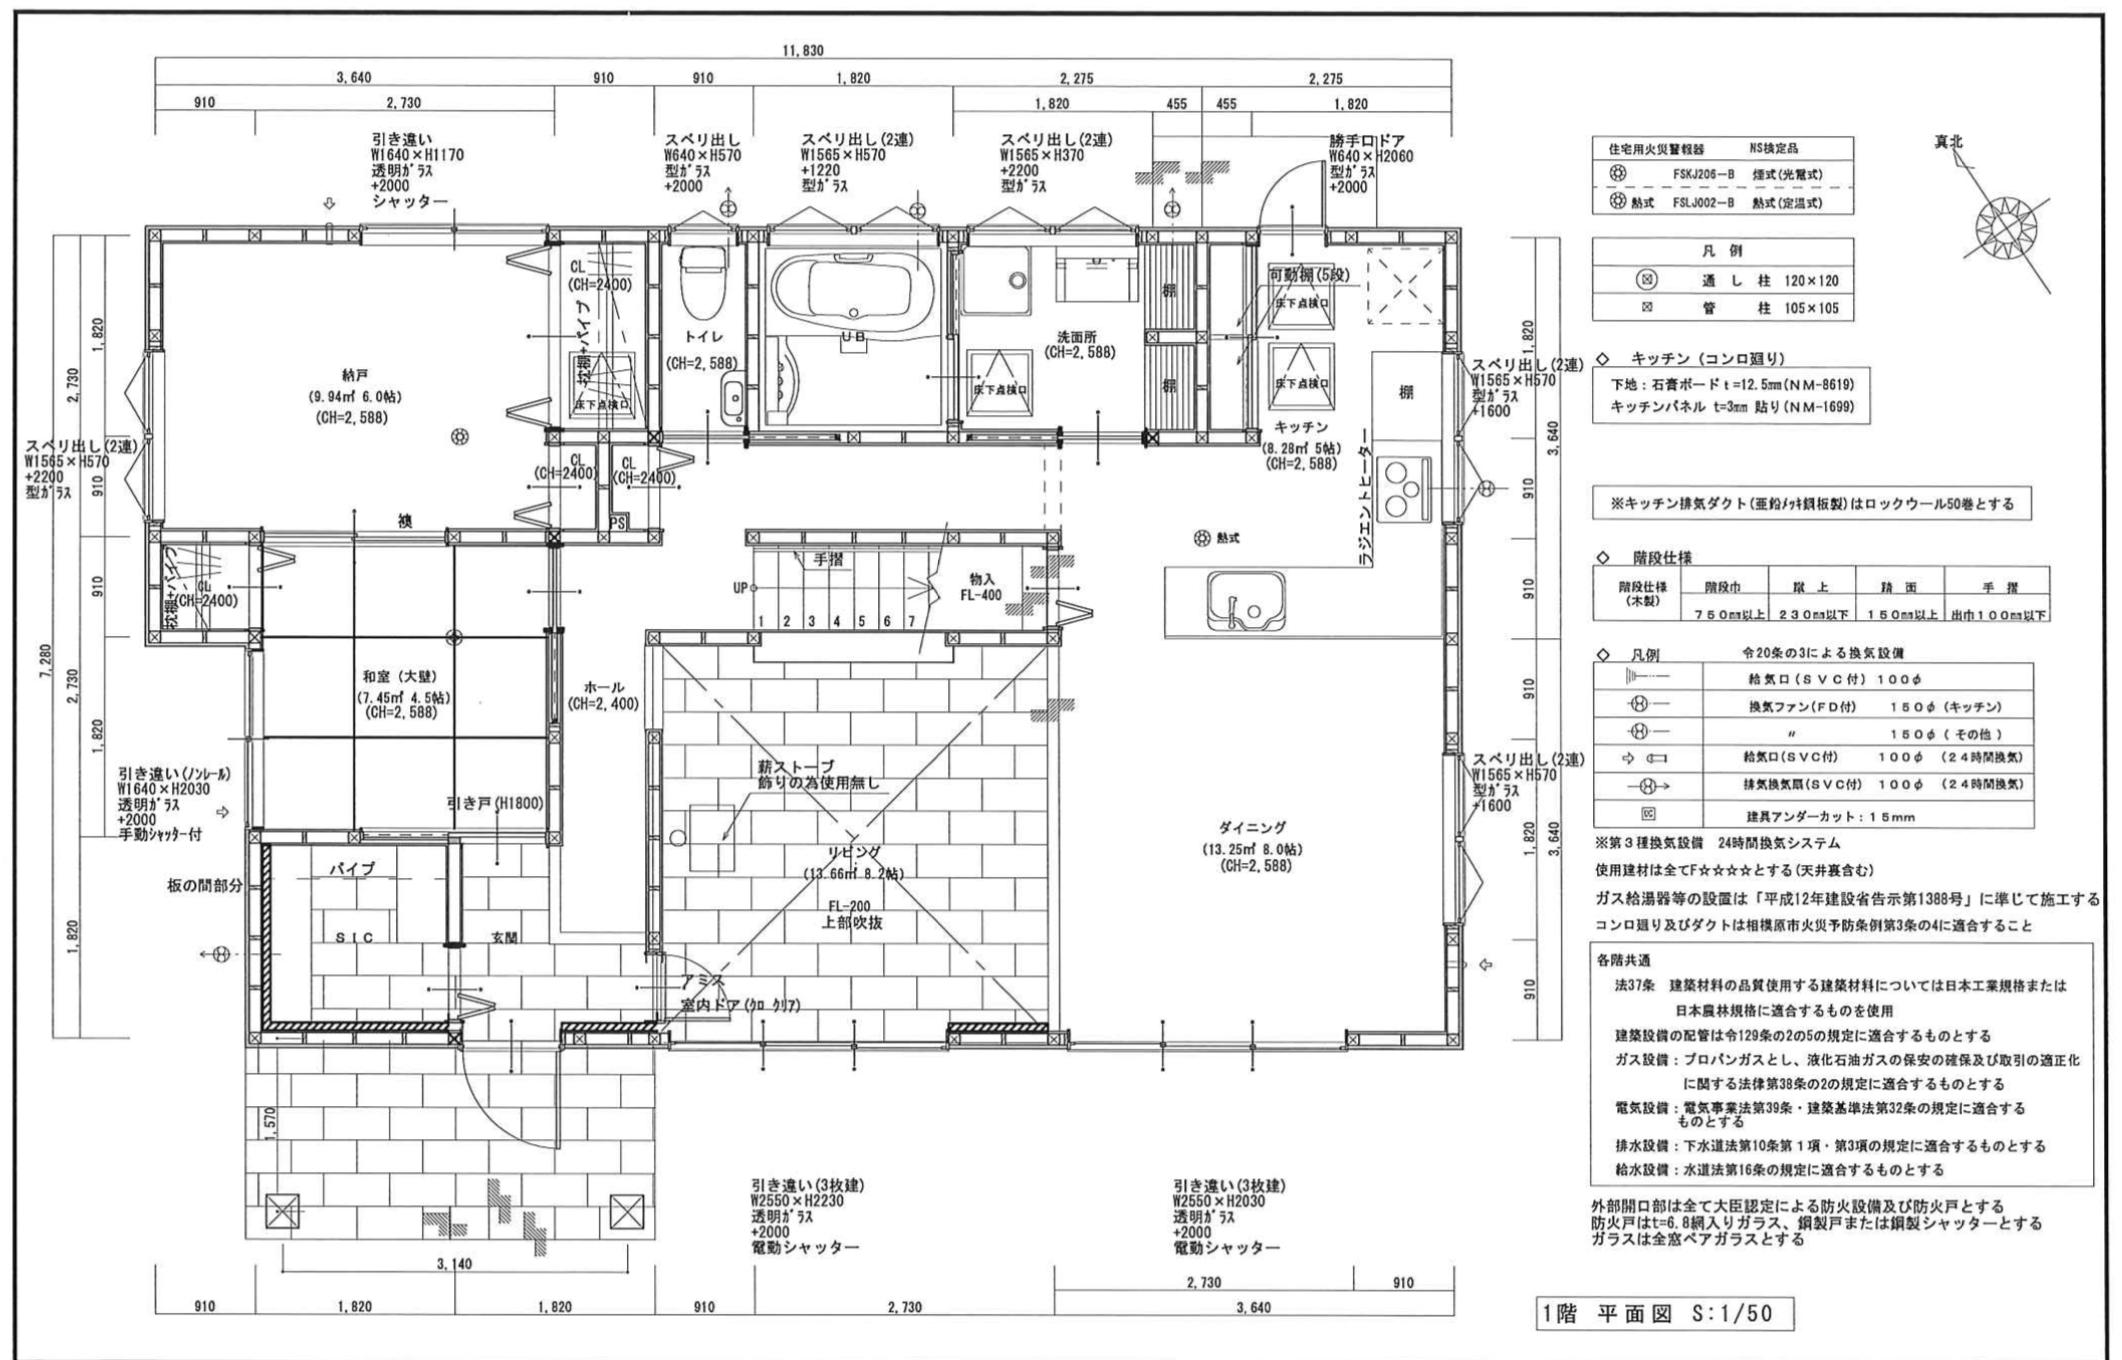 実施設計では、これまで設計してきた内容と合わせて、具体的な寸法を記入した図面に起こします。